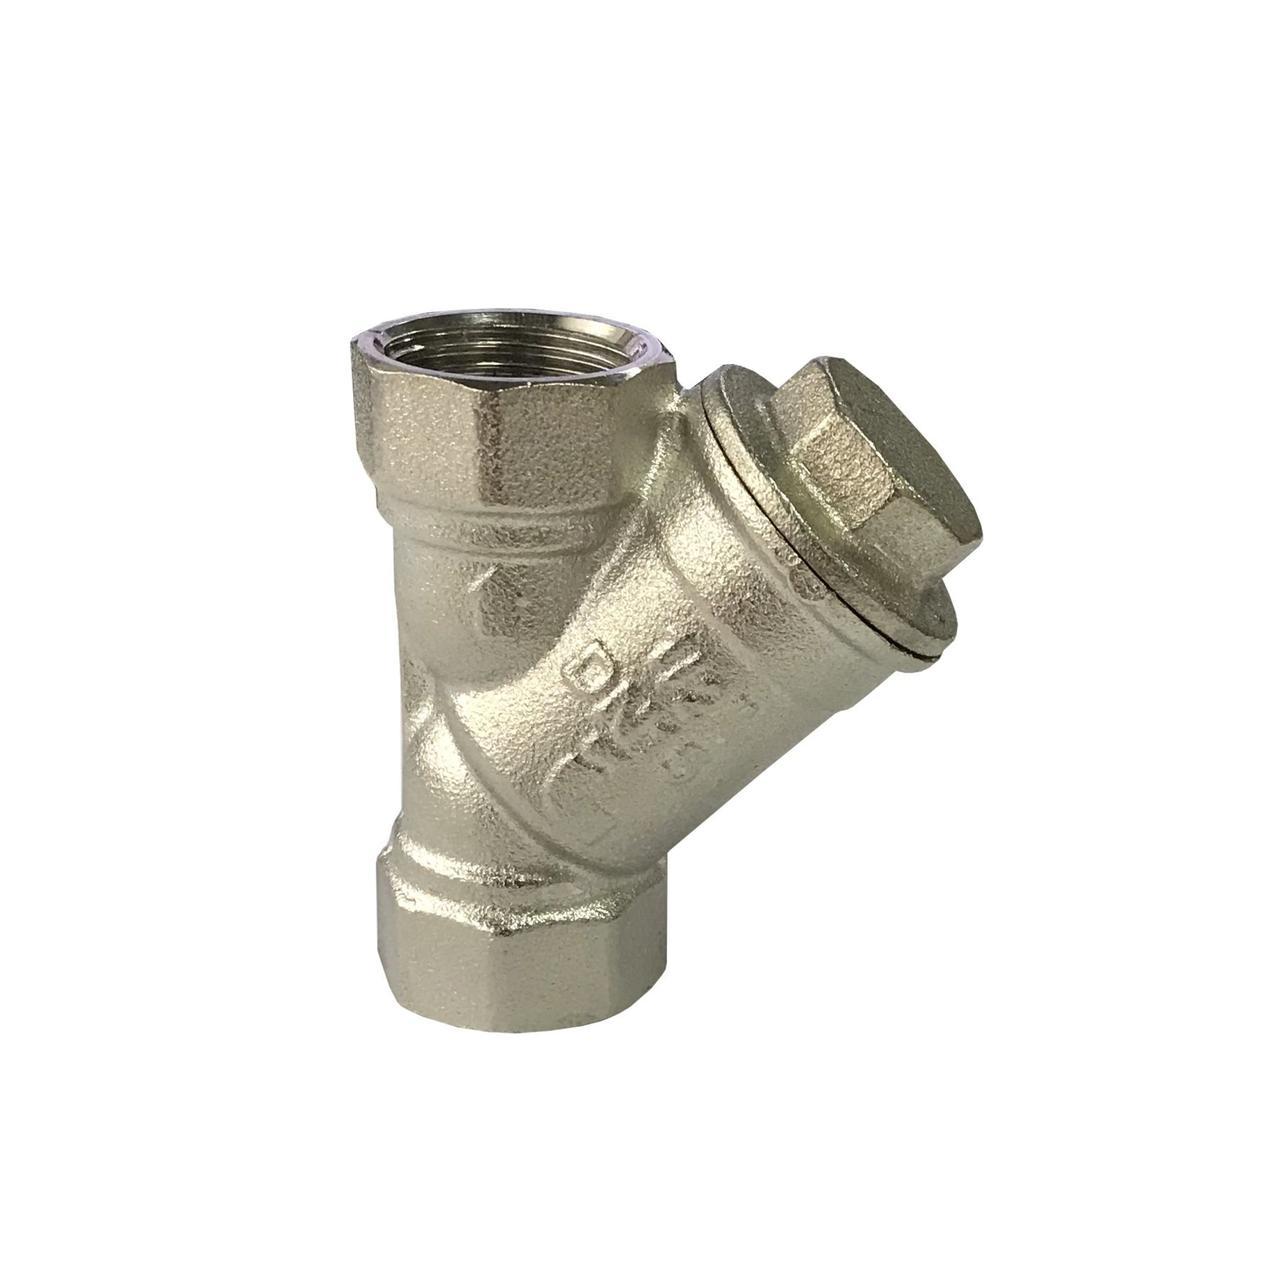 Фильтр грубой очистки угловой 1/2' ITAP 193 для ГАЗА